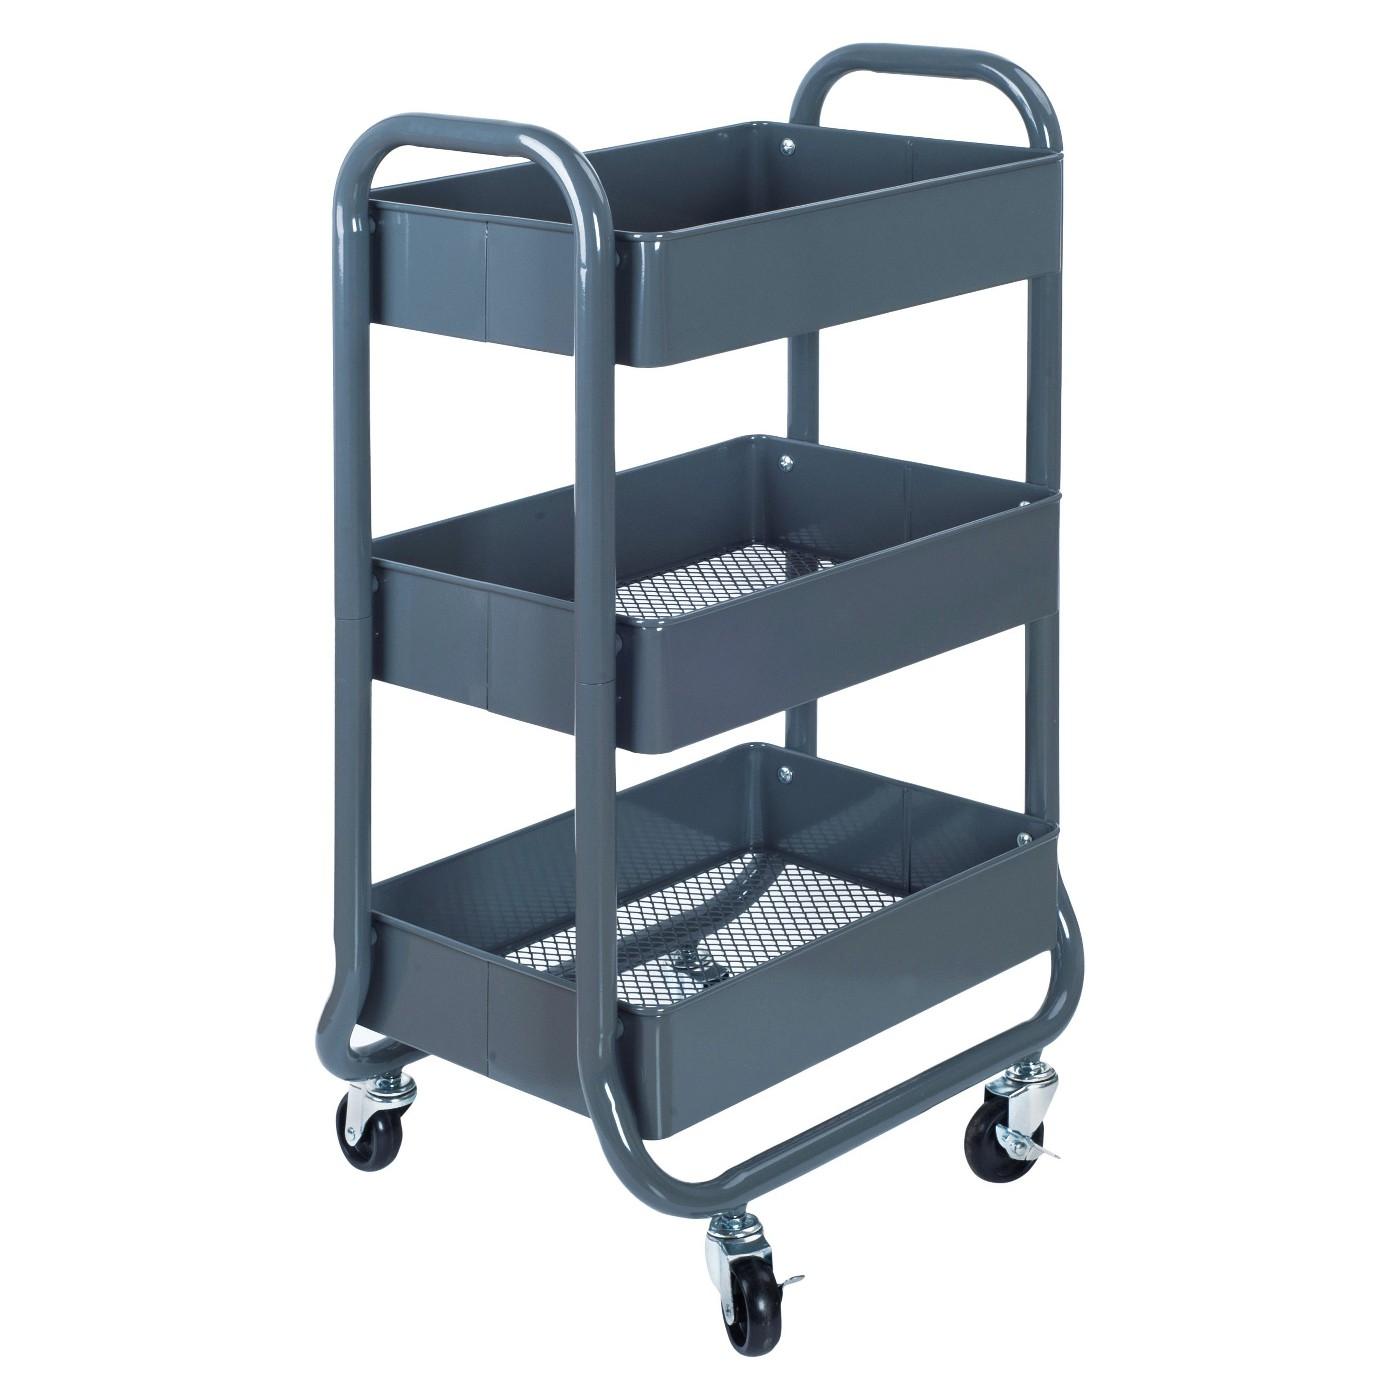 3-Tier Rolling Cart Gray Room Essentials